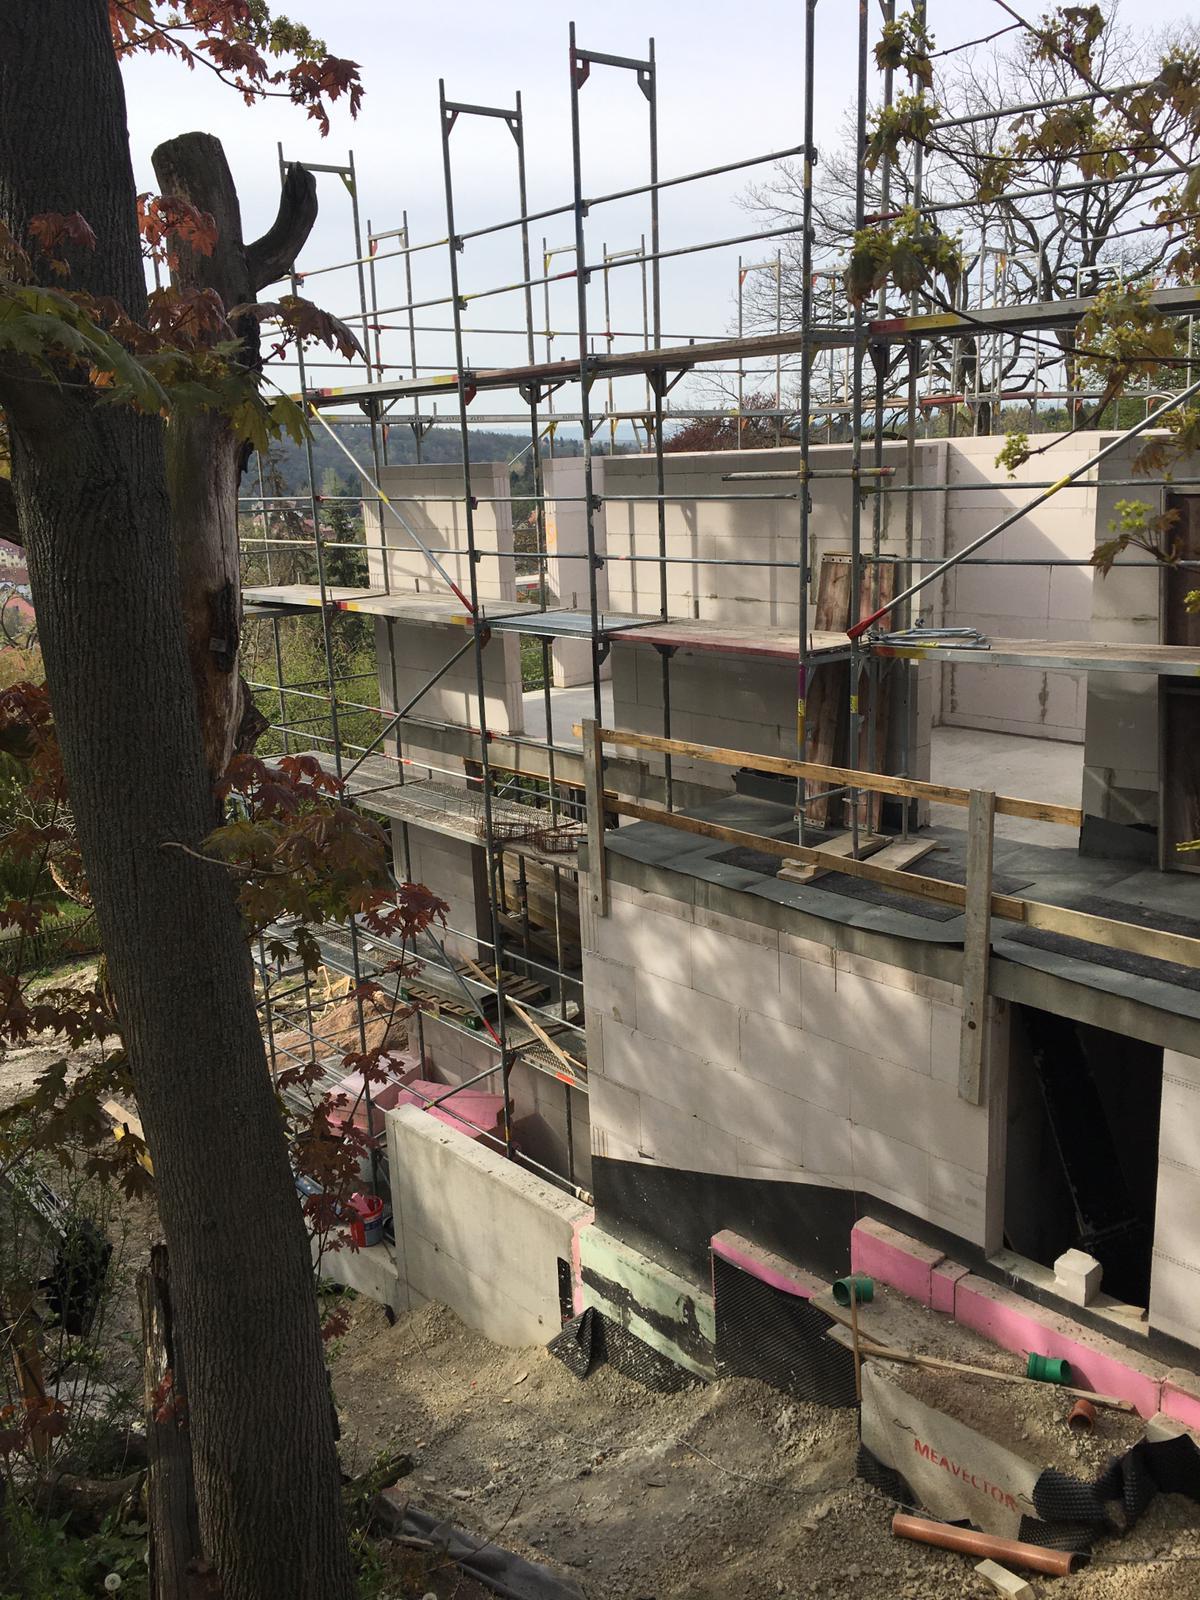 Der Bau unserer Eigentumswohnanlage in Erfurt, Wartburgstraße geht gut voran